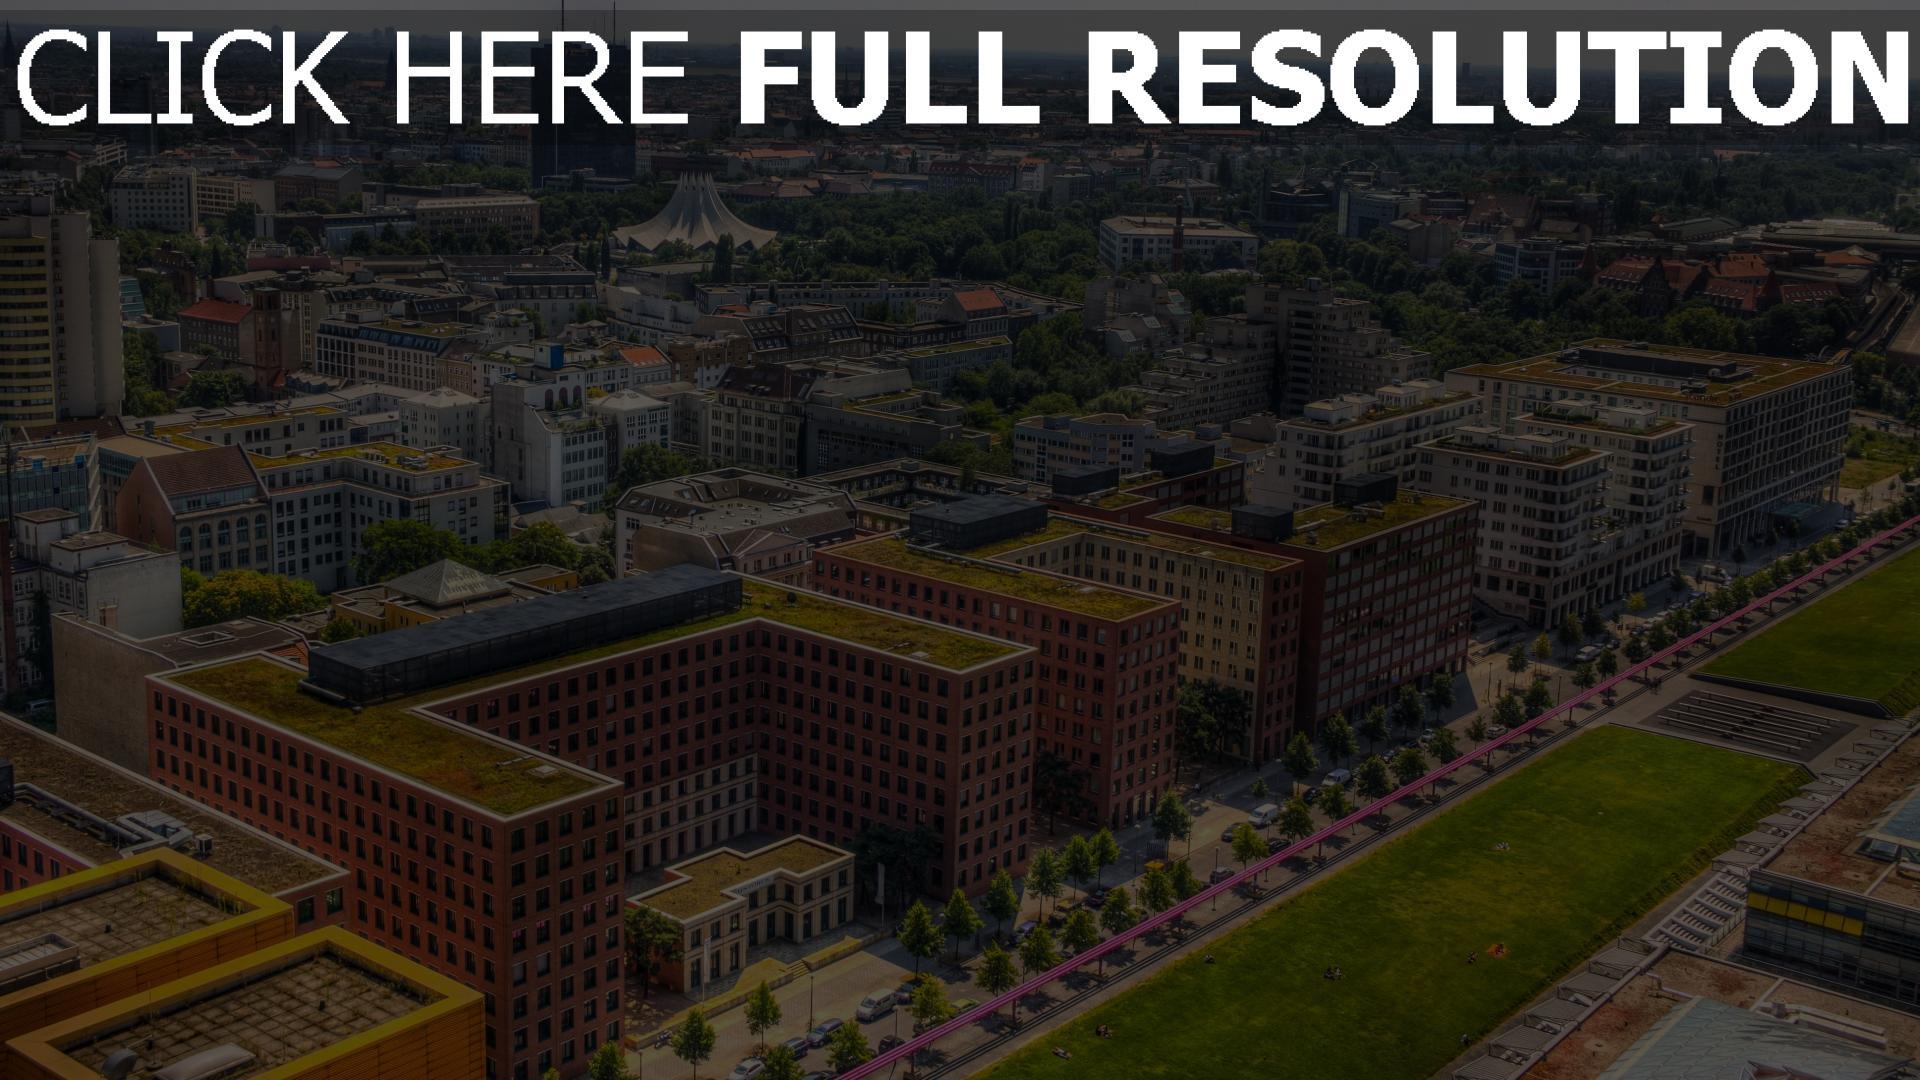 hd hintergrundbilder metropole gebäude berlin hdr deutschland 1920x1080